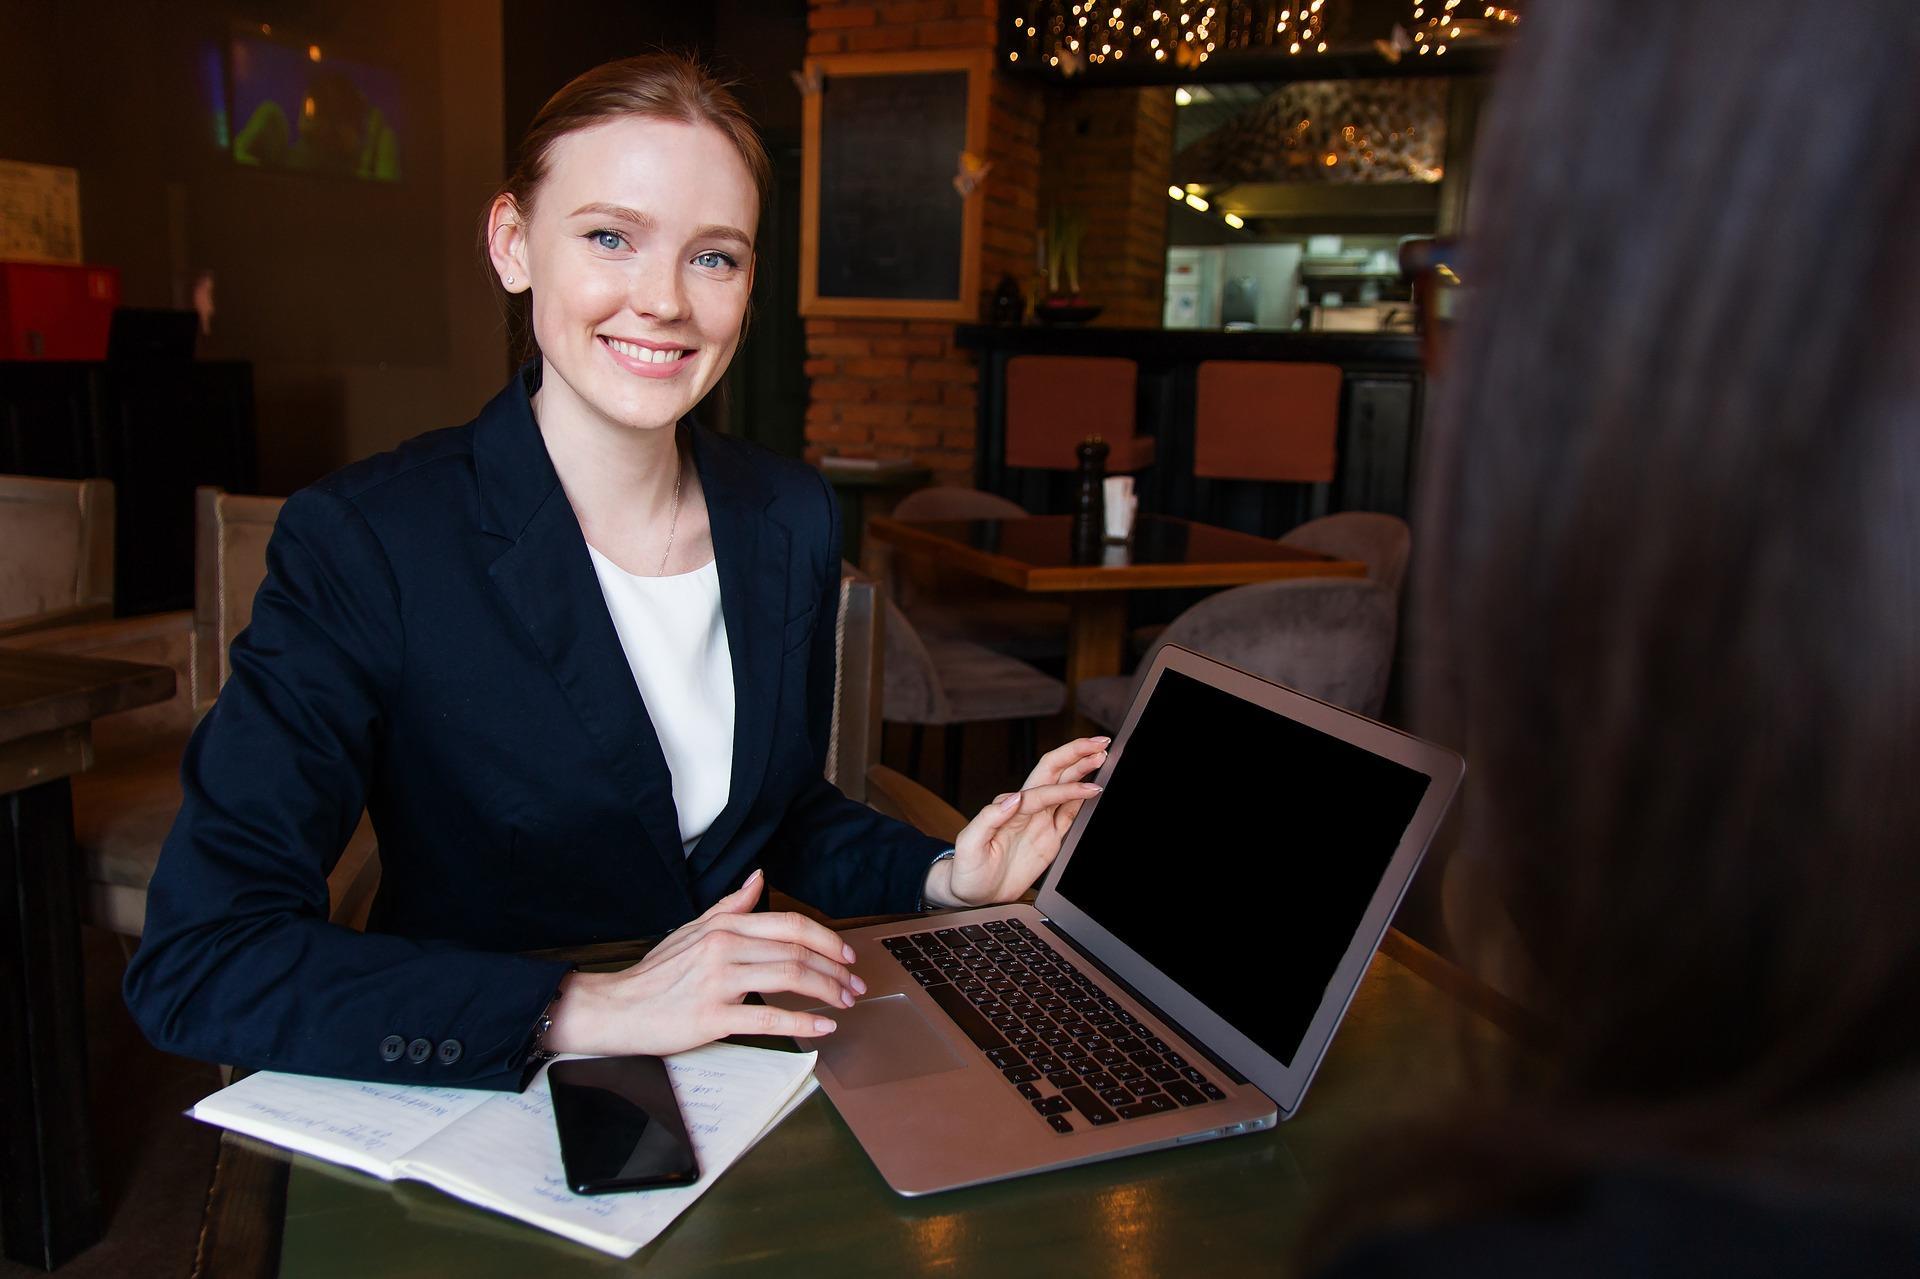 Der insolvente Rechtsanwalt – und die Freigabe seiner selbständigen Tätigkeit